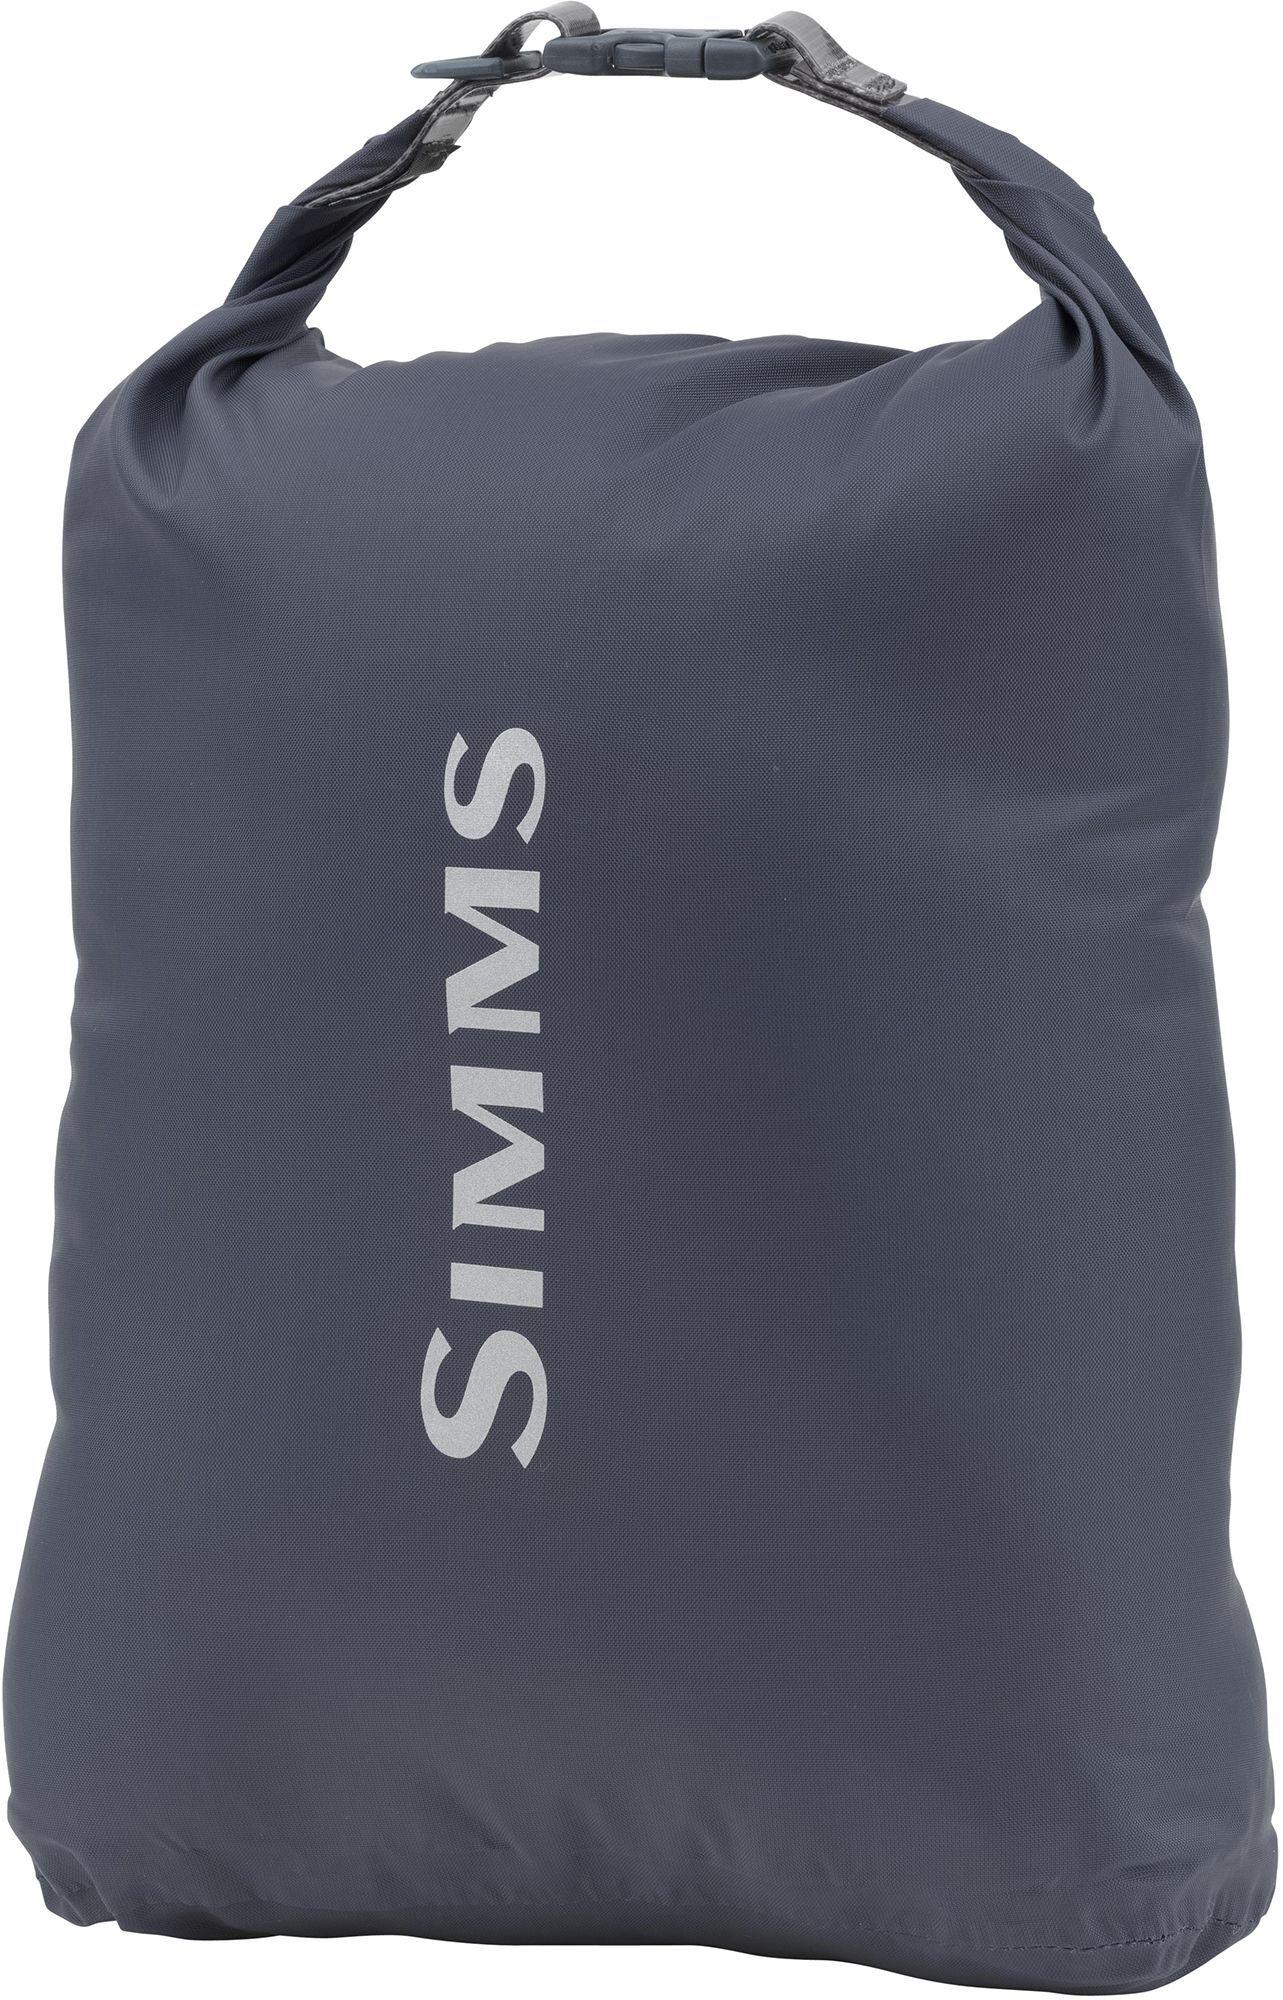 Simms Dry Creek Dry Bag – Small, Blue